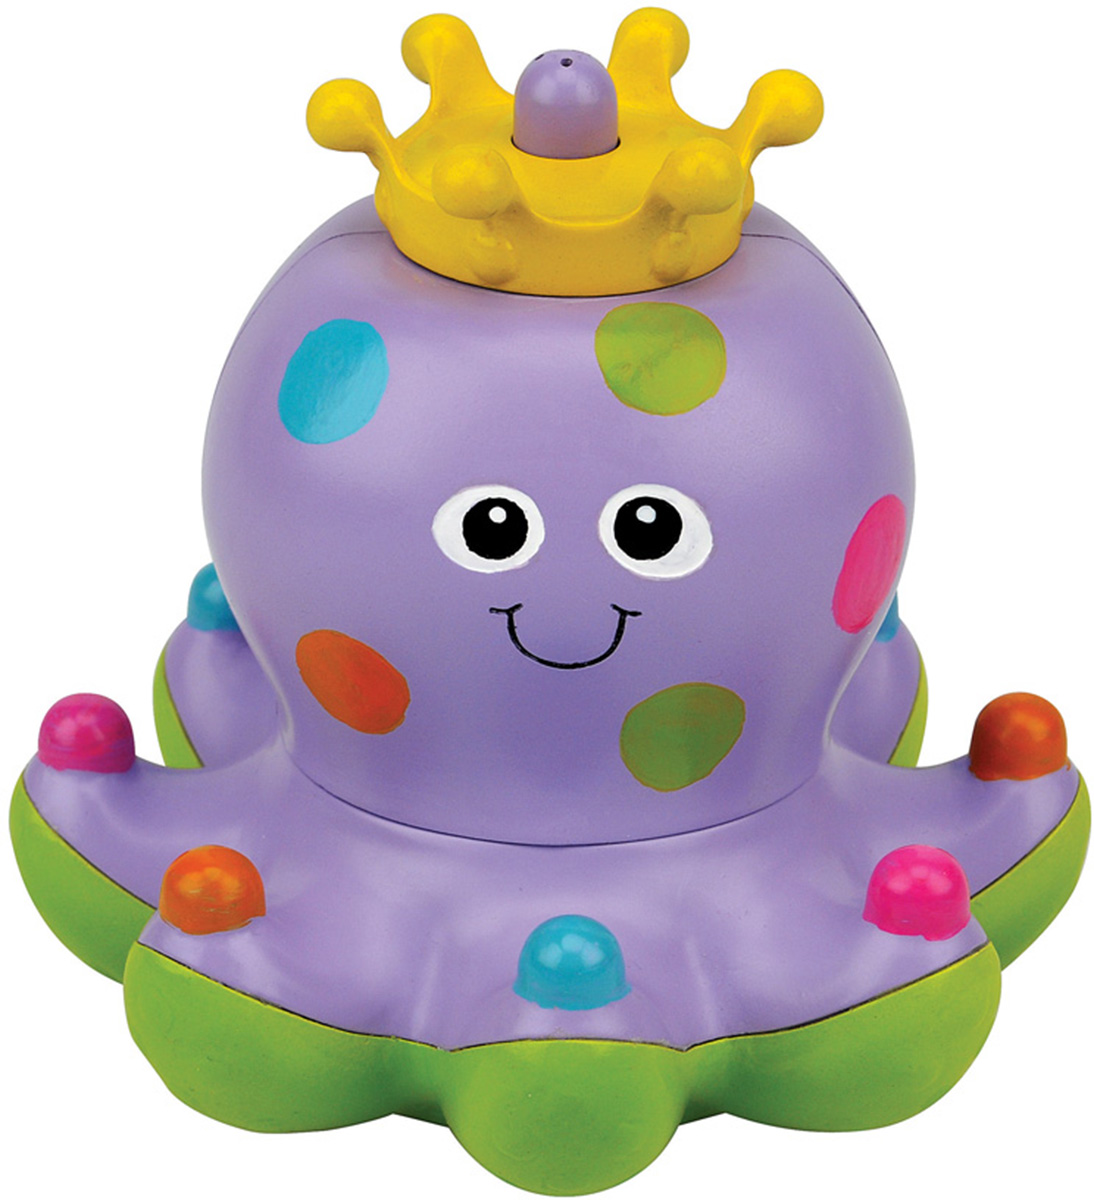 K's Kids Игрушка для ванной Осьминожка Клепа игрушки для новорожденных png